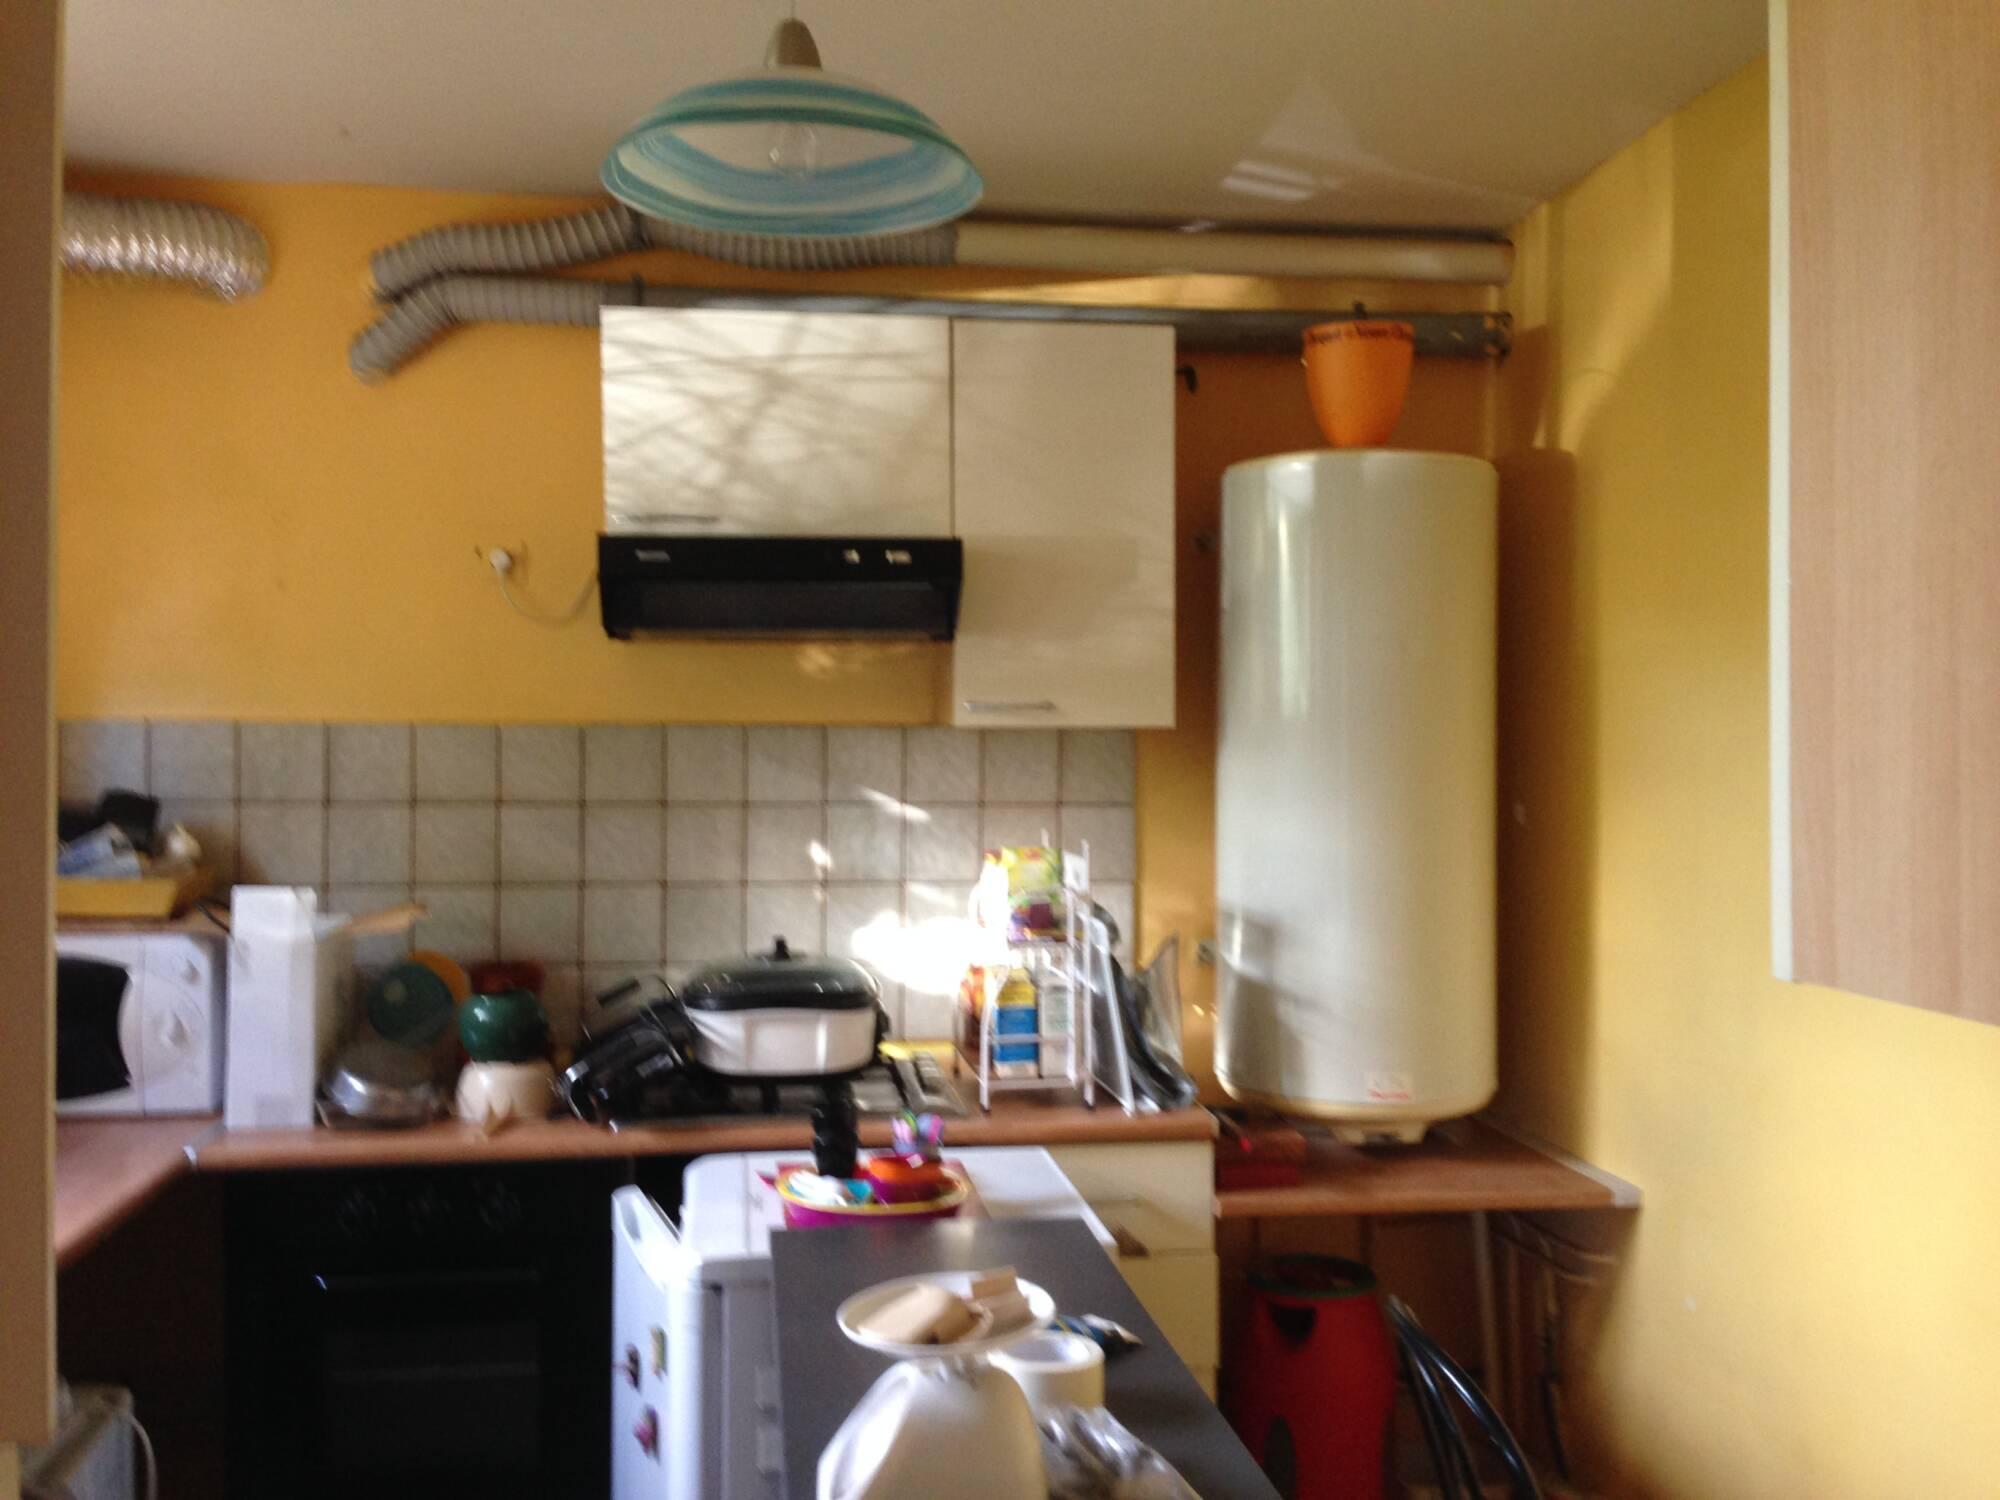 Décoration d'une salle à manger à Messanges hauteur sous plafond – UFDI – Ambre Lortholary A.L Concept Deco